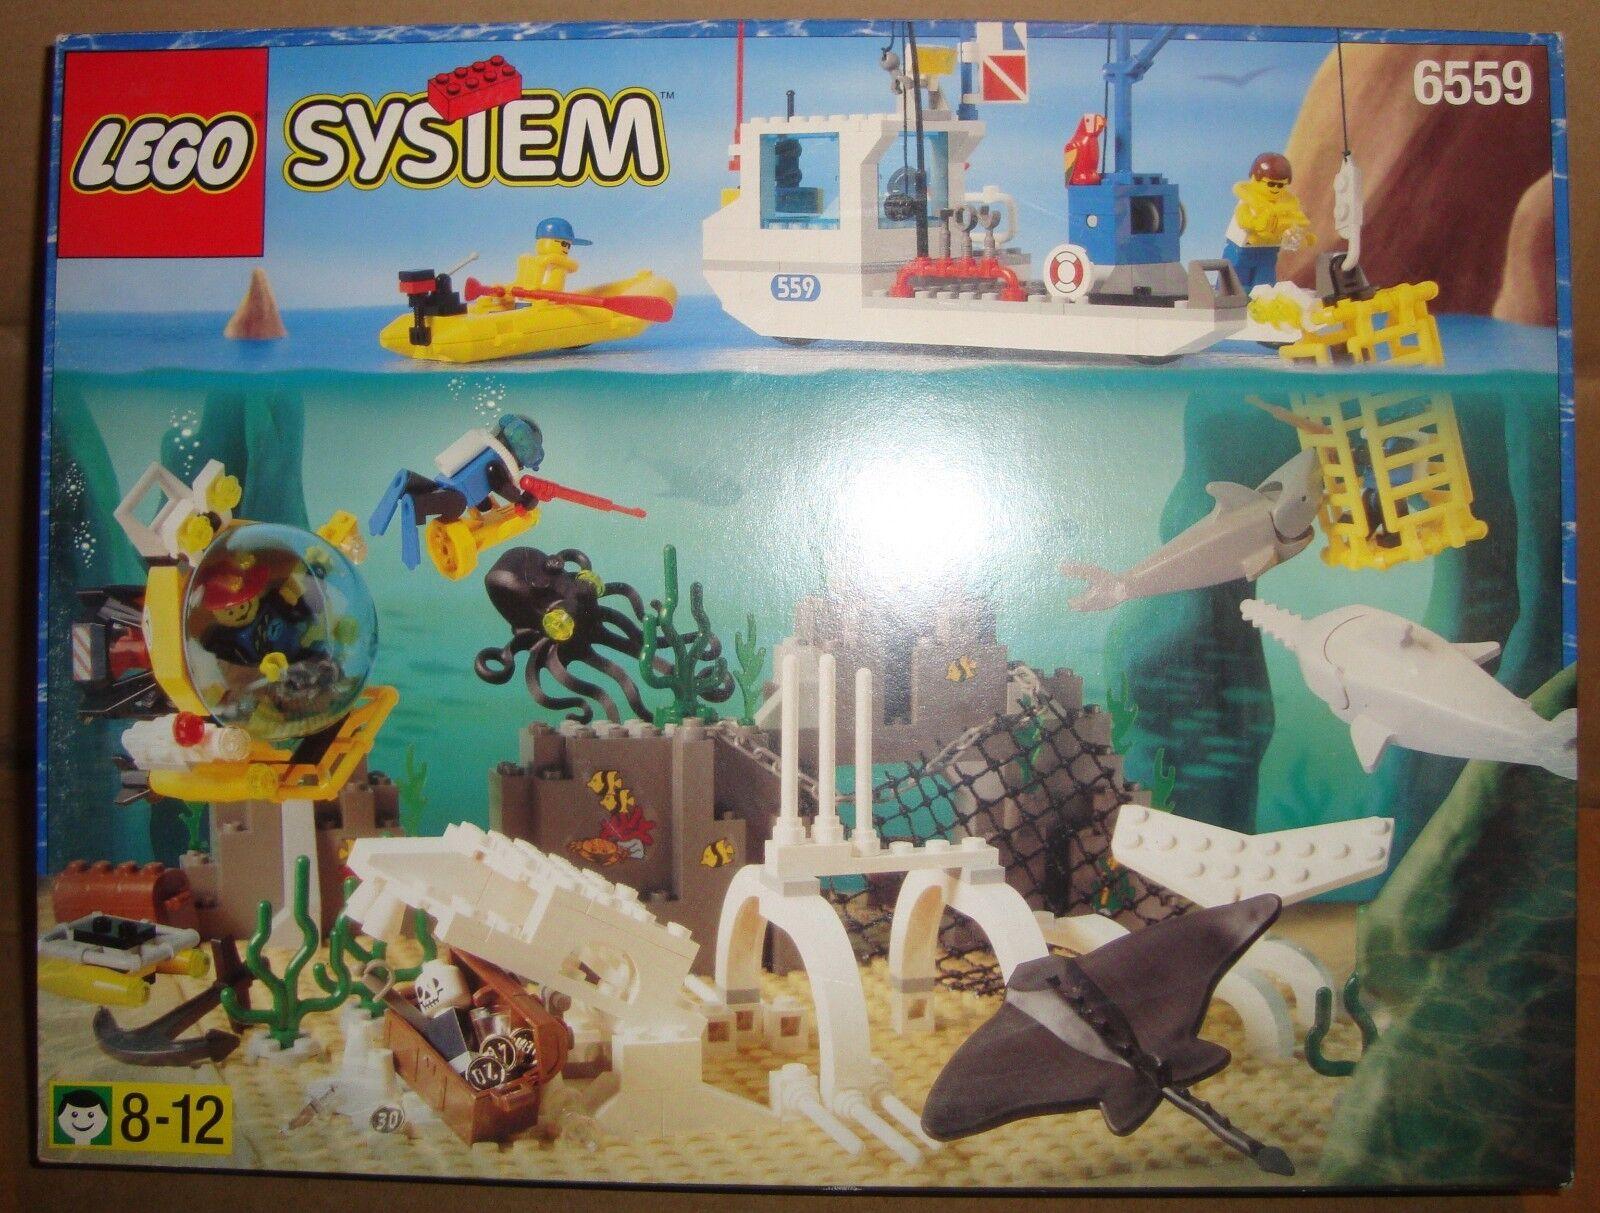 LEGO LEGO LEGO SYSTEM 6559 DEEP SEA BOUNTY LEGO 1997 21c2a4